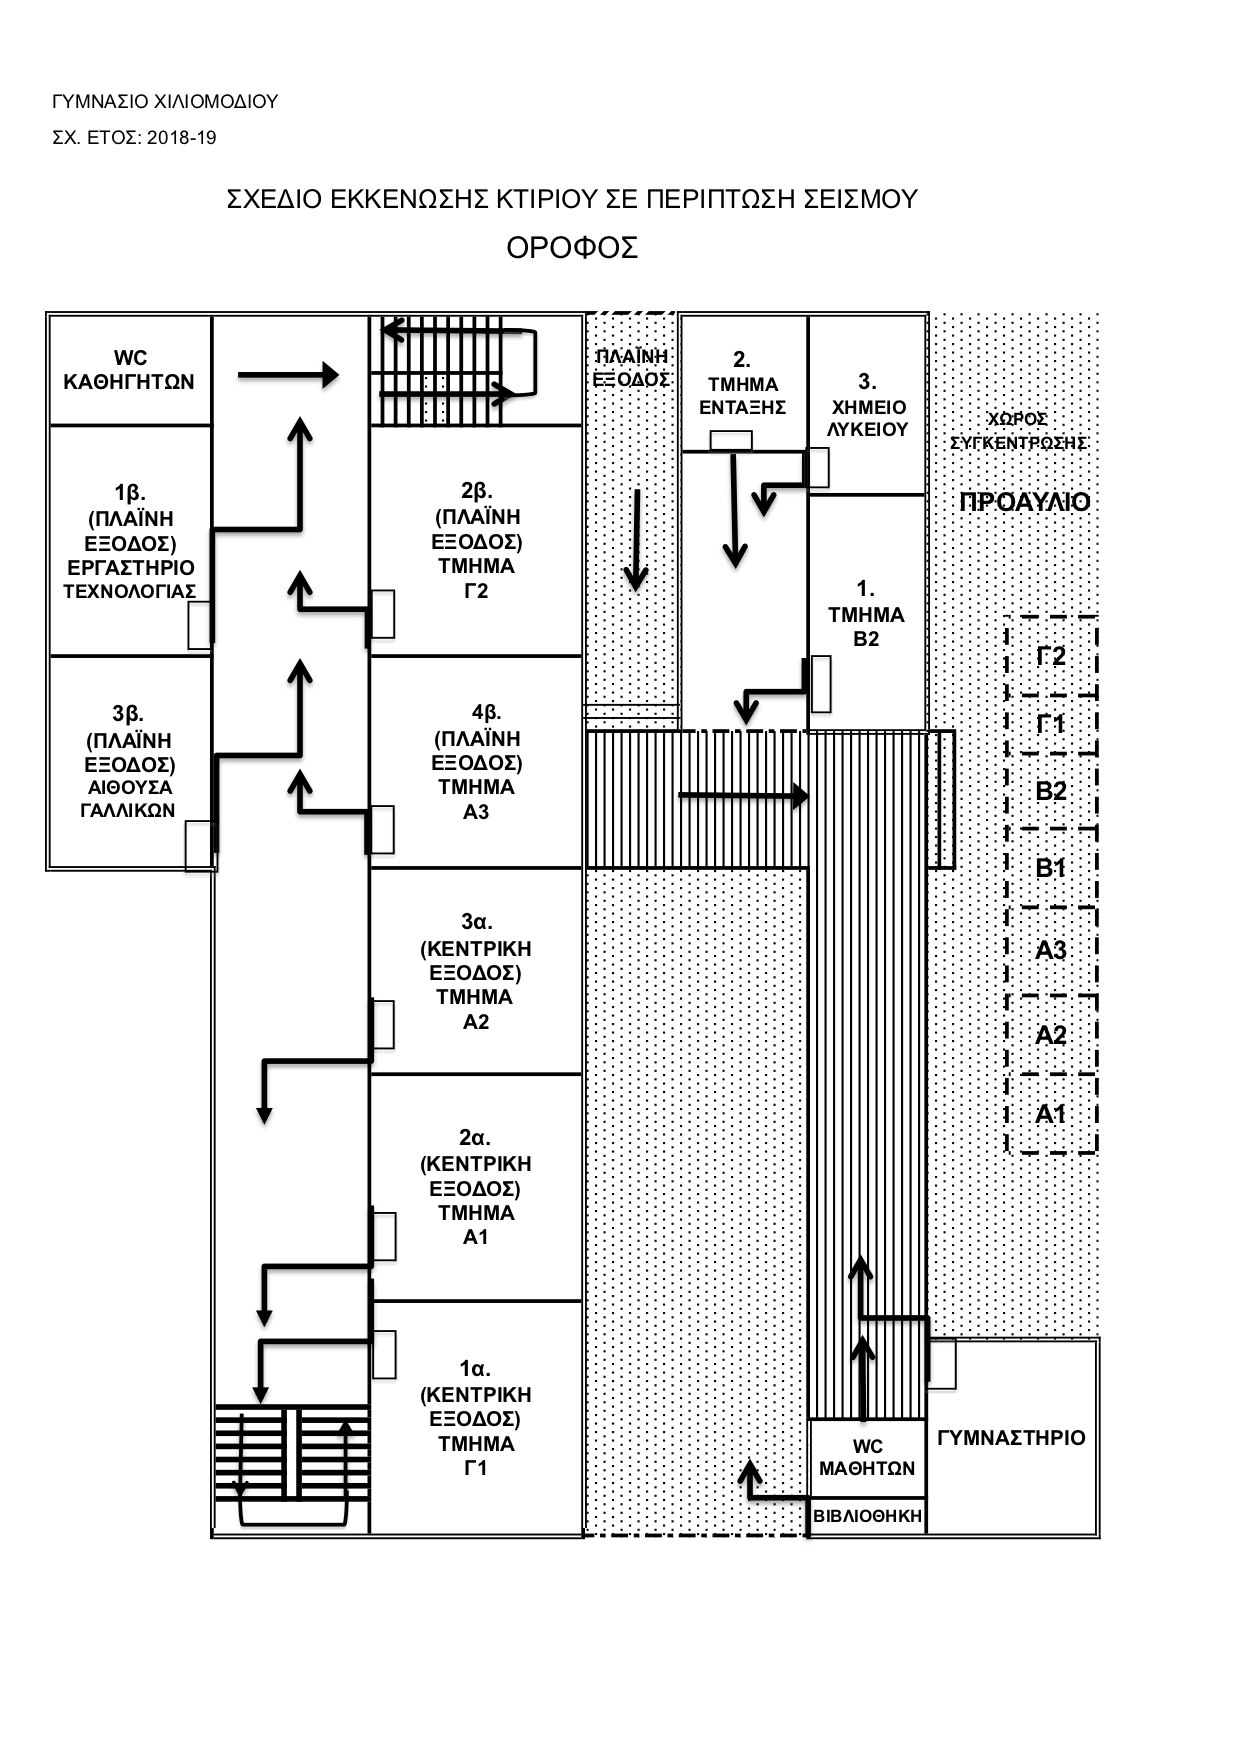 «Σχέδιο Εκκένωσης κτιρίου σε περίπτωση σεισμού»